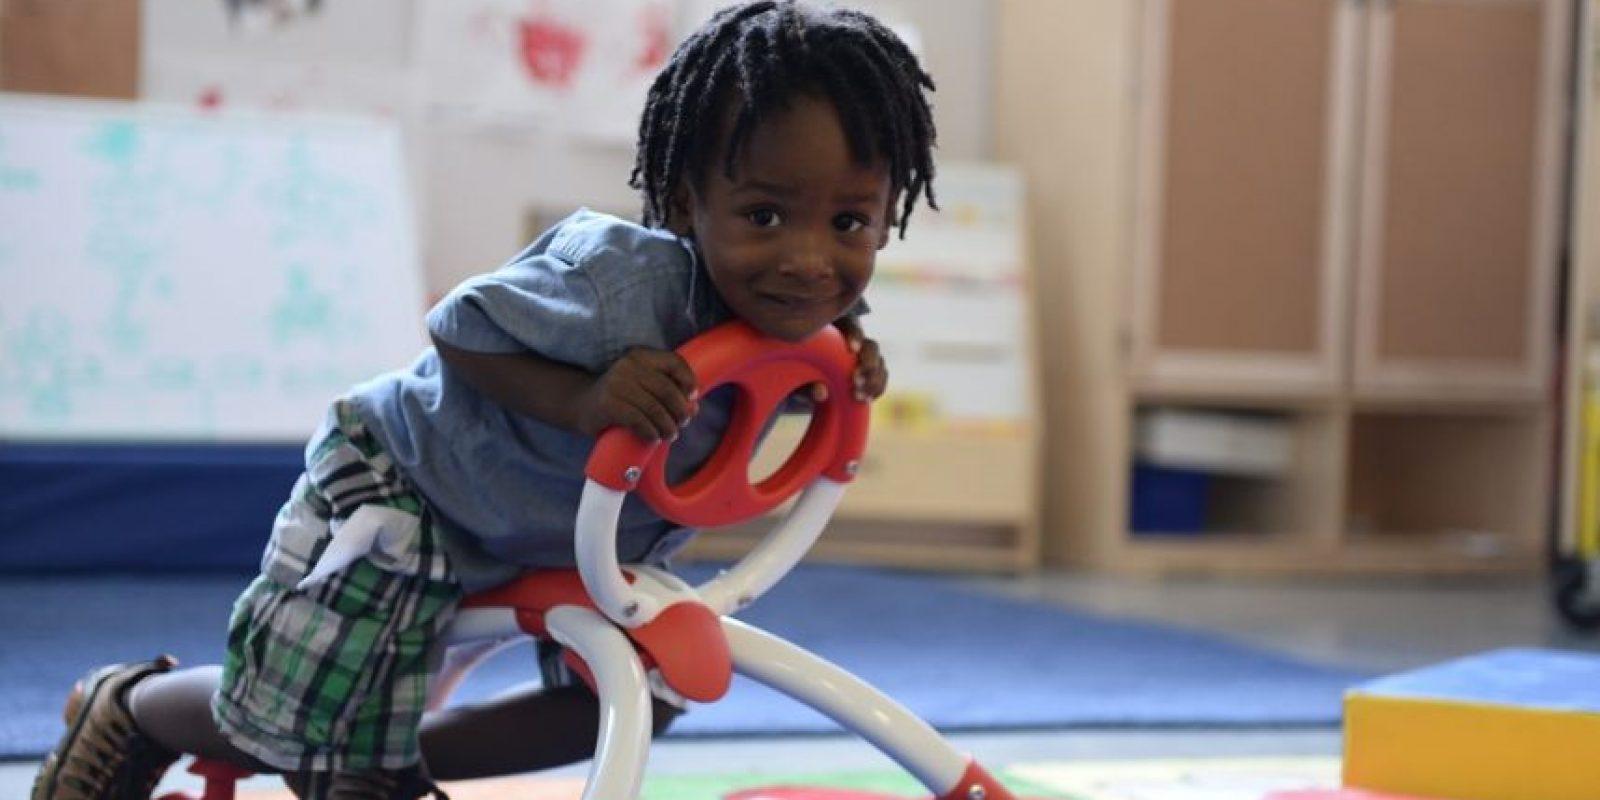 Los padres deben fomentar la seguridad e independencia en sus hijos. Foto:Fuente Externa